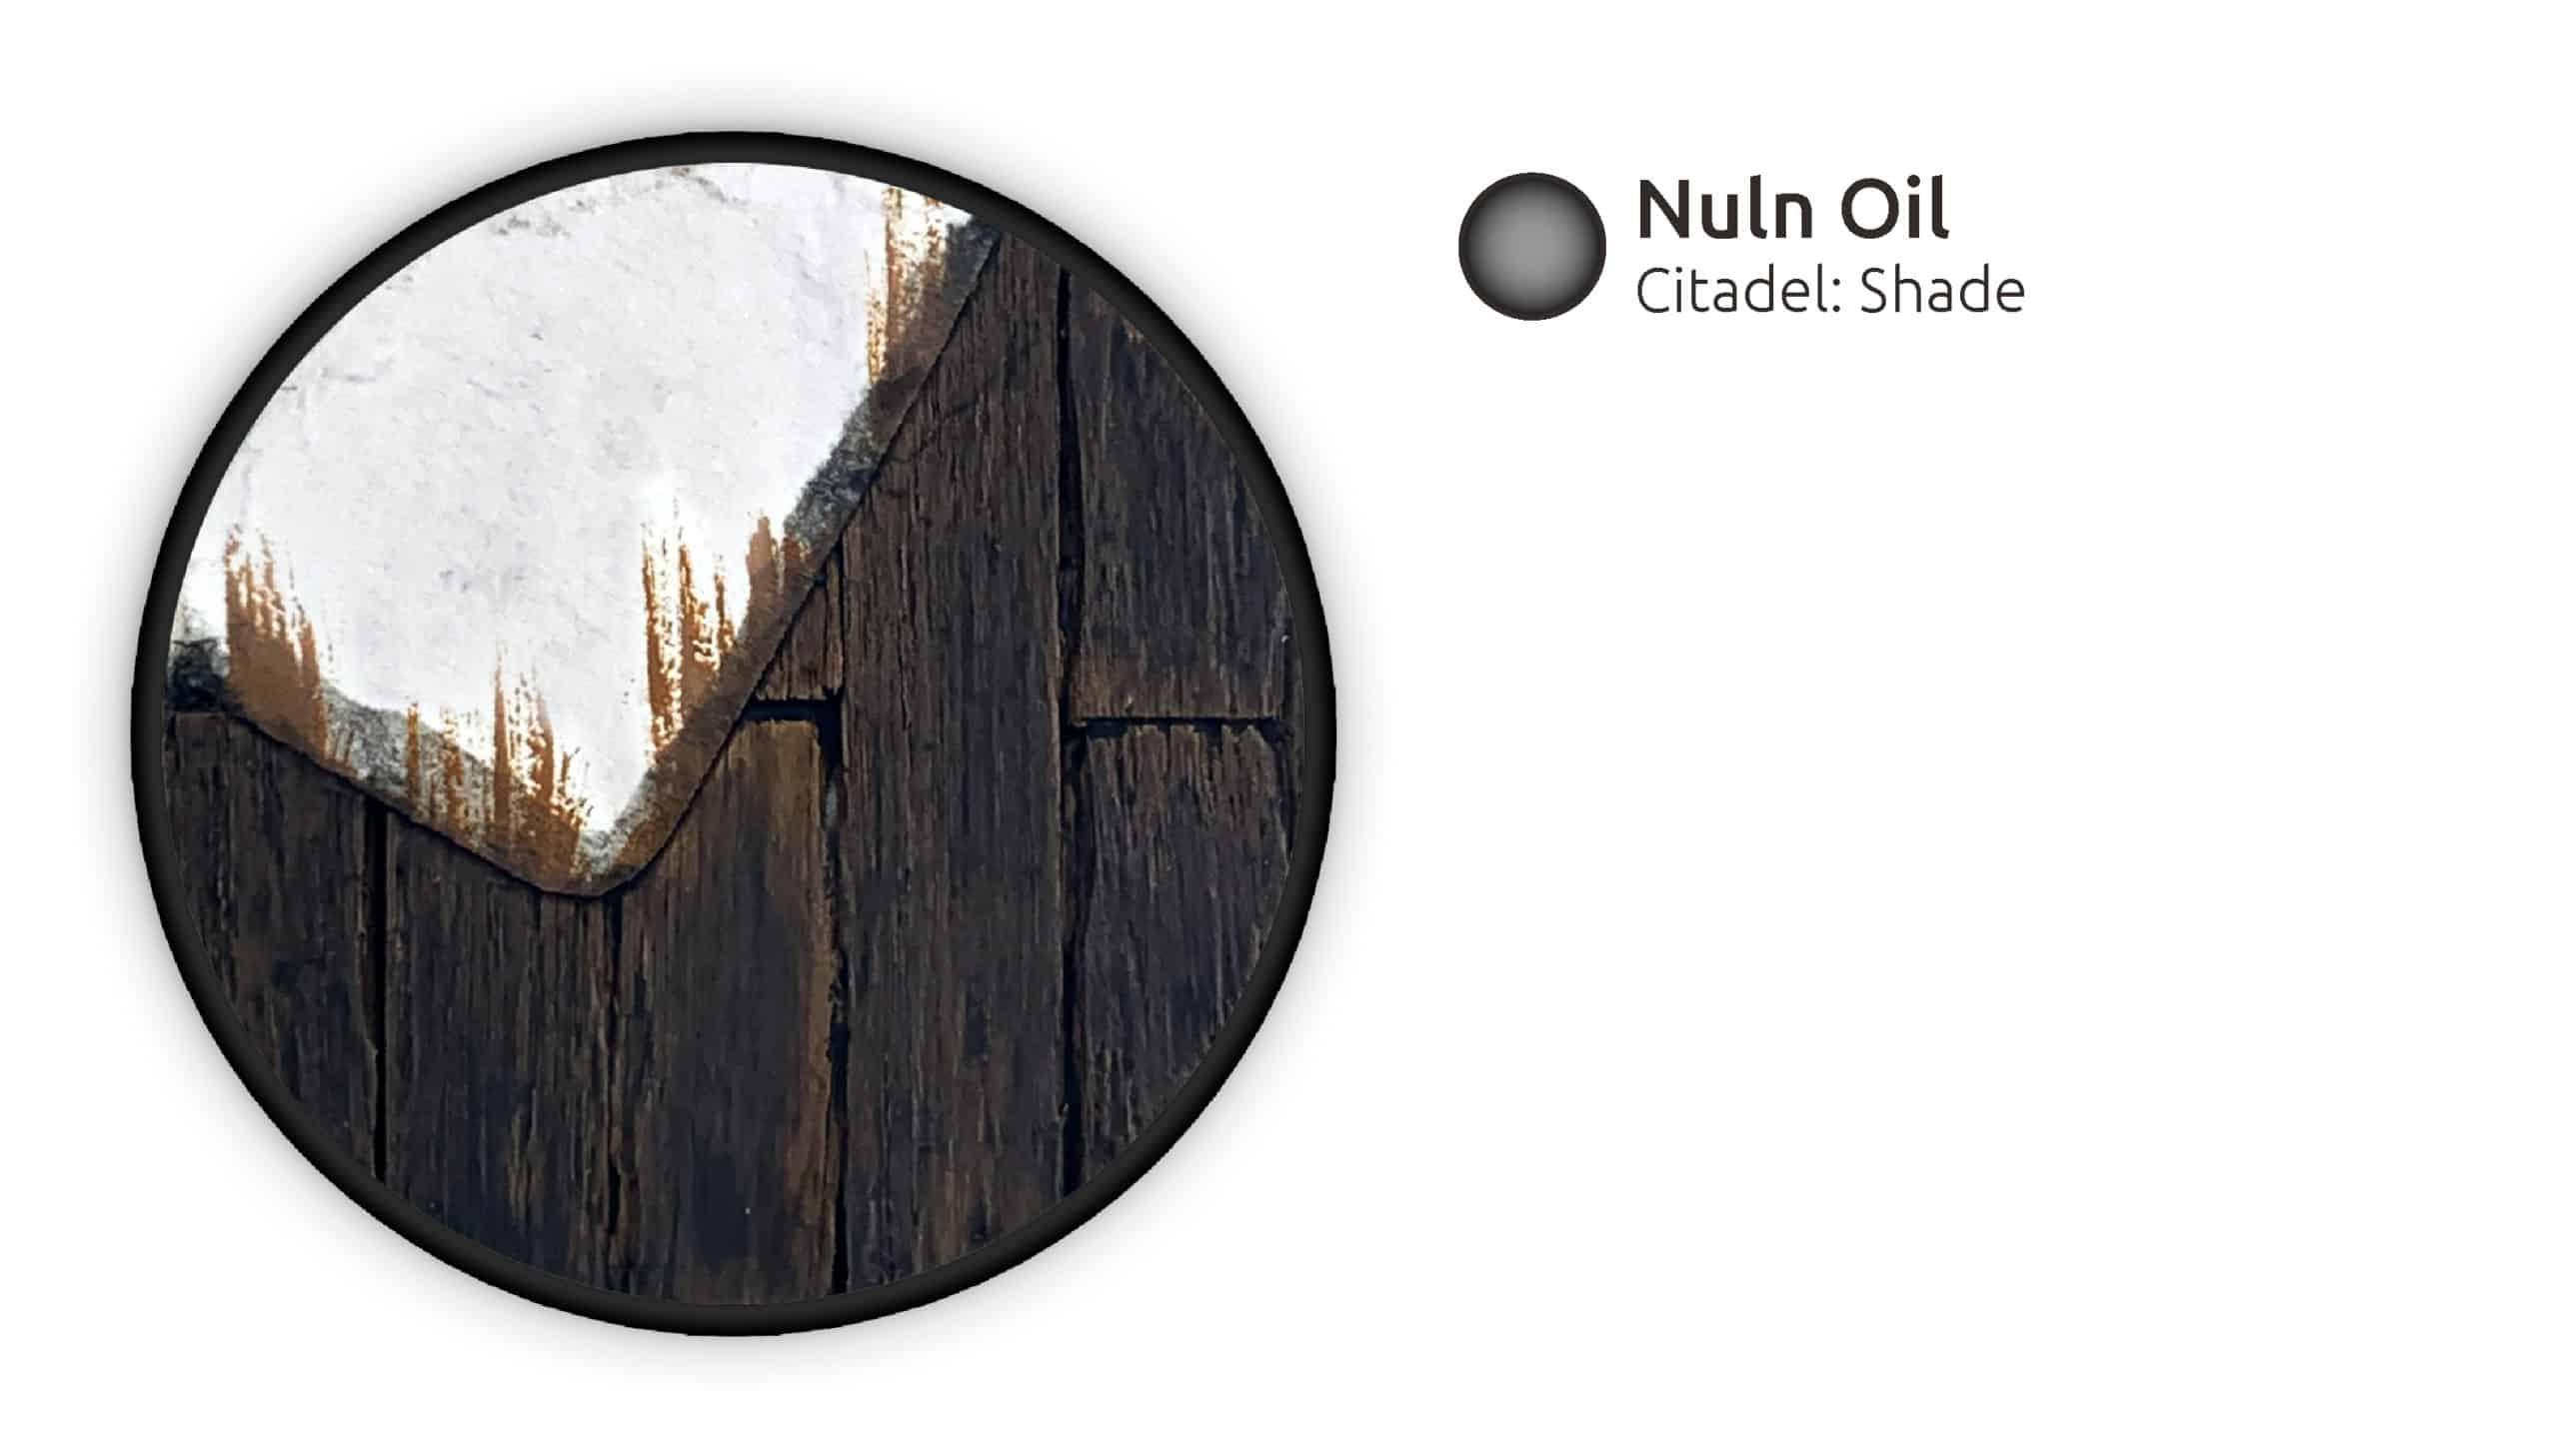 Die gesamte Base wird mit Nuln Oil abgedunkelt.